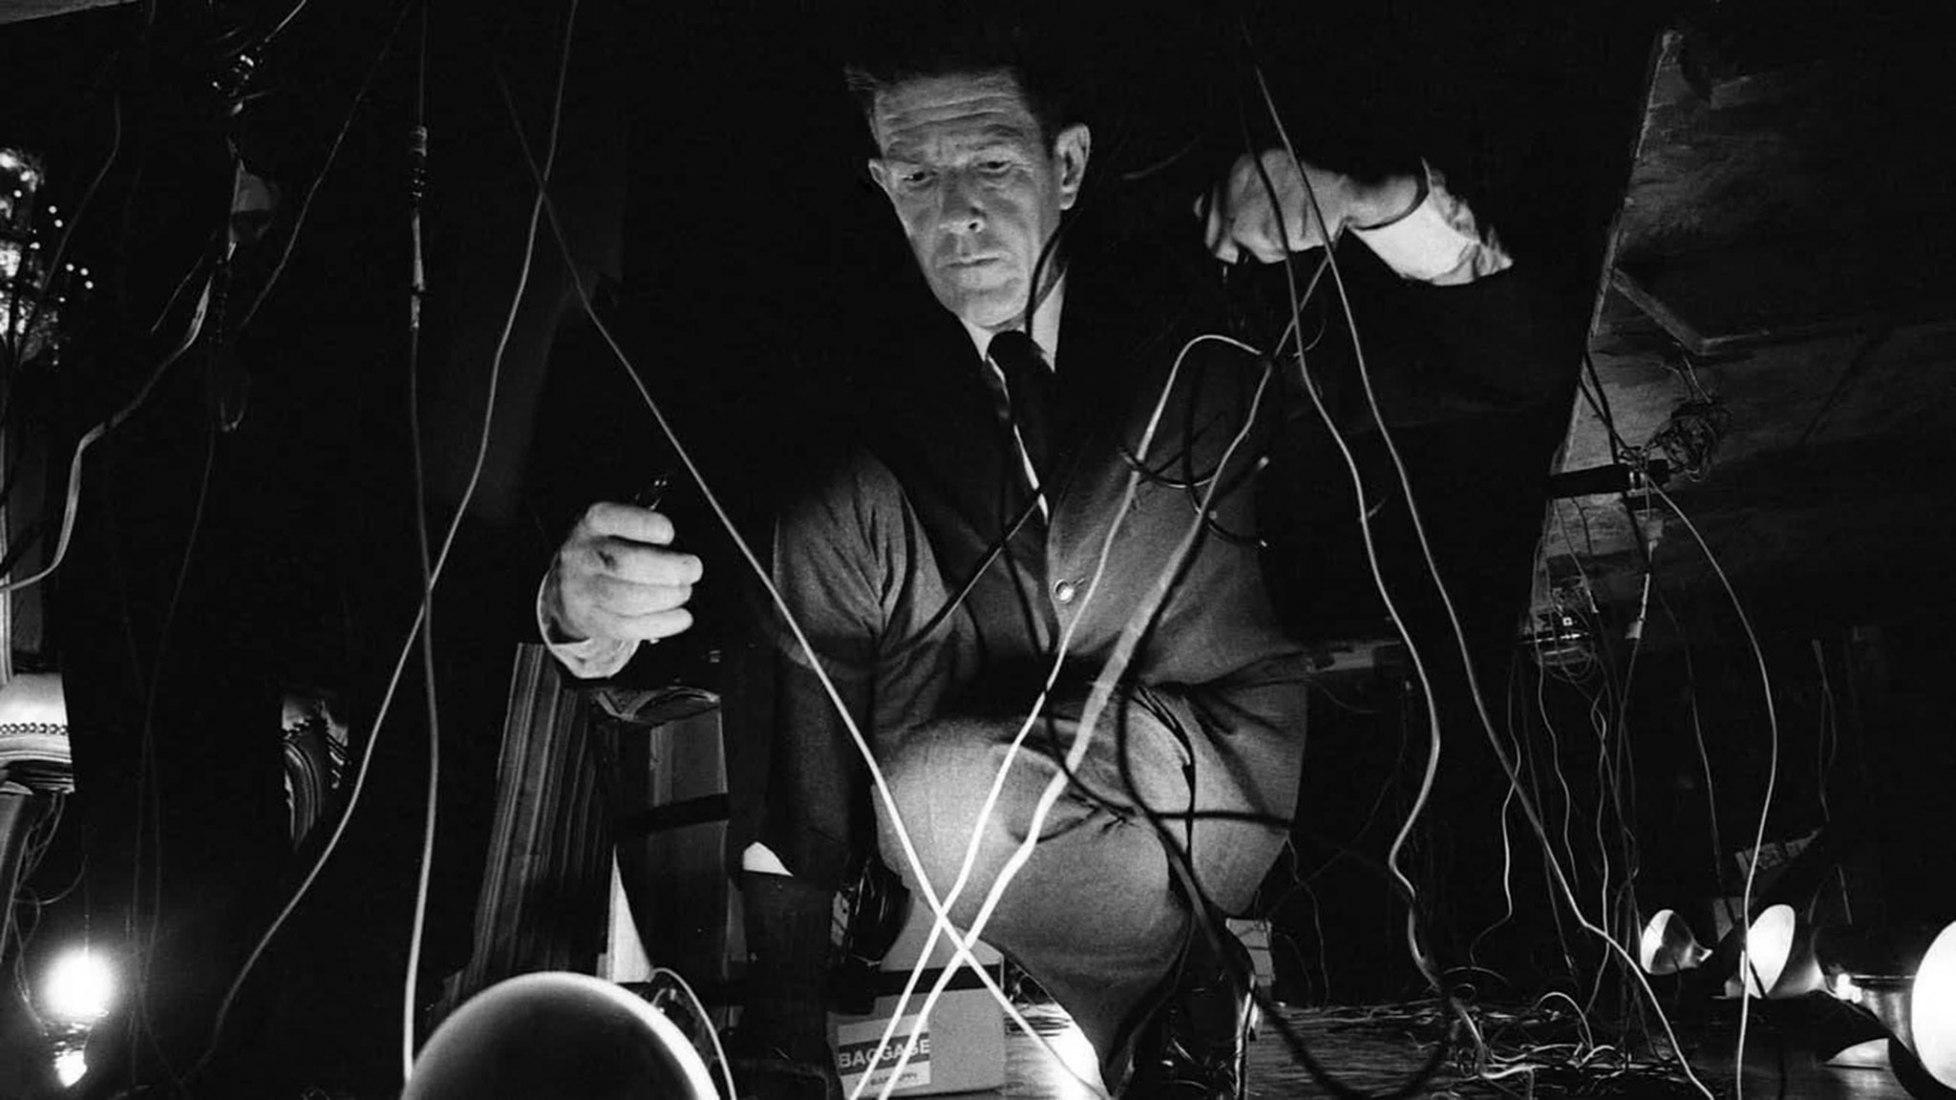 John Cage durante su concierto de 1966 en la inauguración de la National Arts Foundation en Washington. Fotografía por Rowland Scherman